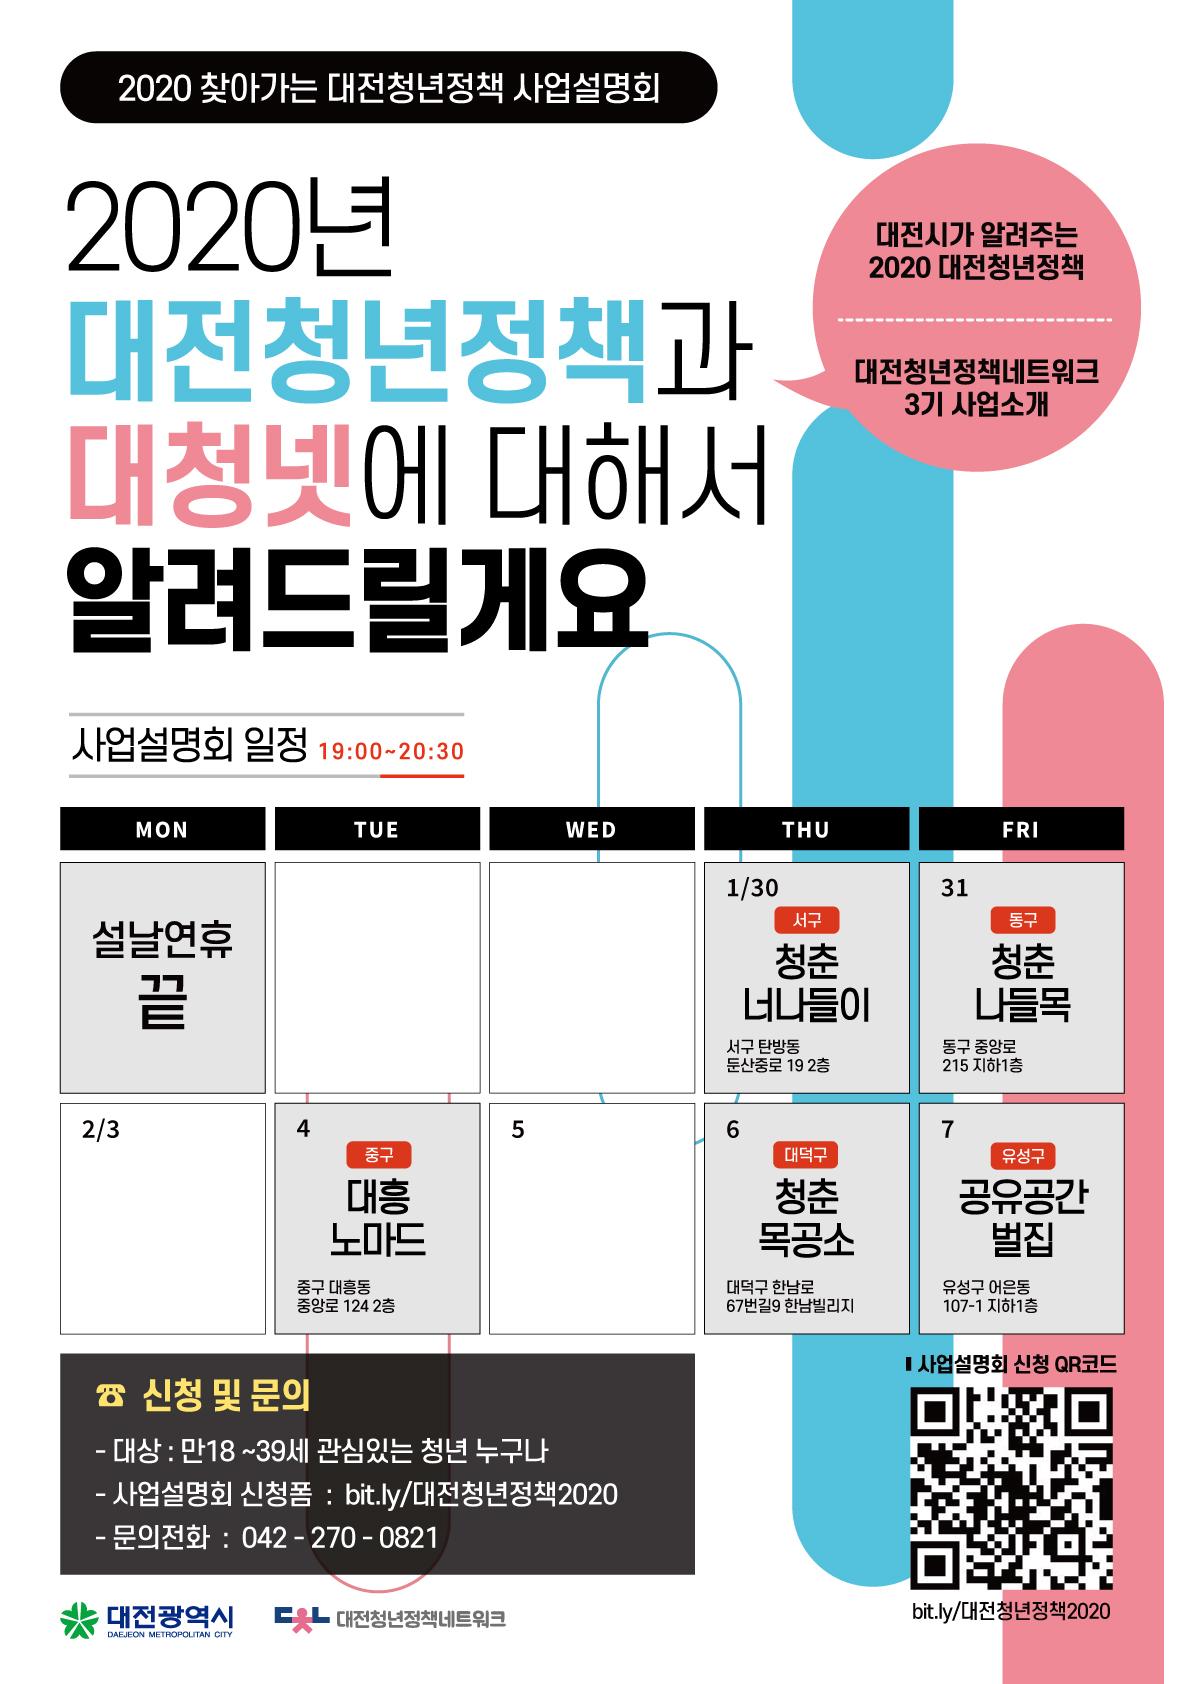 대전청년정책네트워크3기를 모집 및 사업설명회 개최